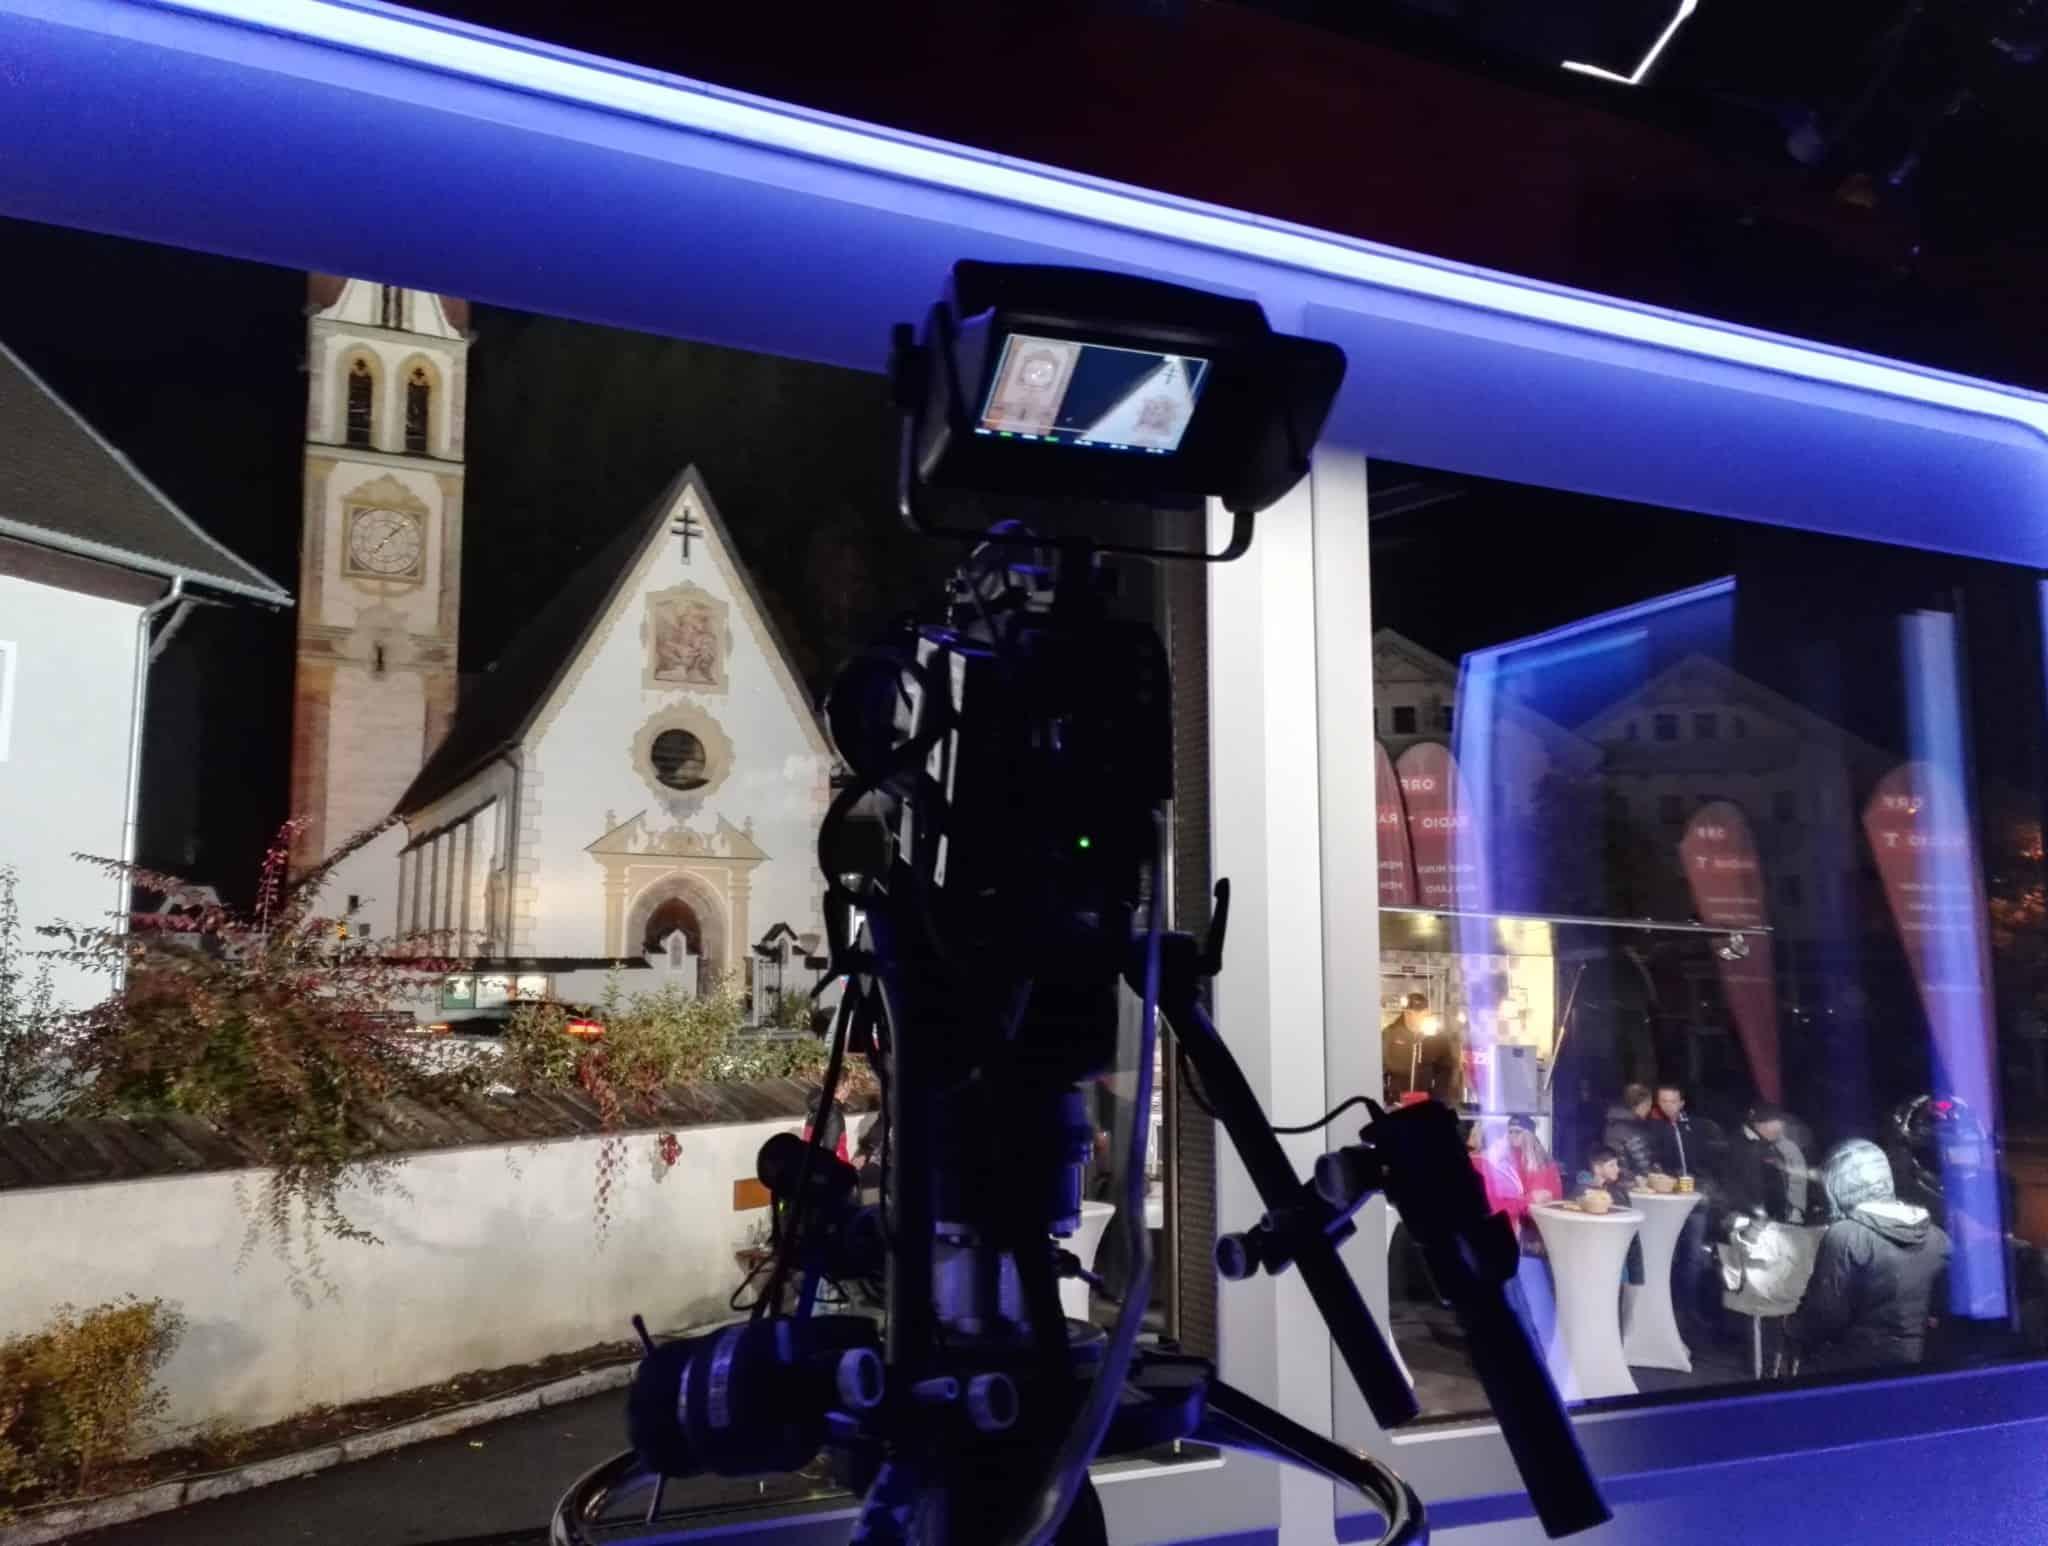 ORF Guten Morgen Österreich Tirol Sölden Woche C Andreas Felder 4 1 - ORF Guten Morgen Österreich - Tirol Woche